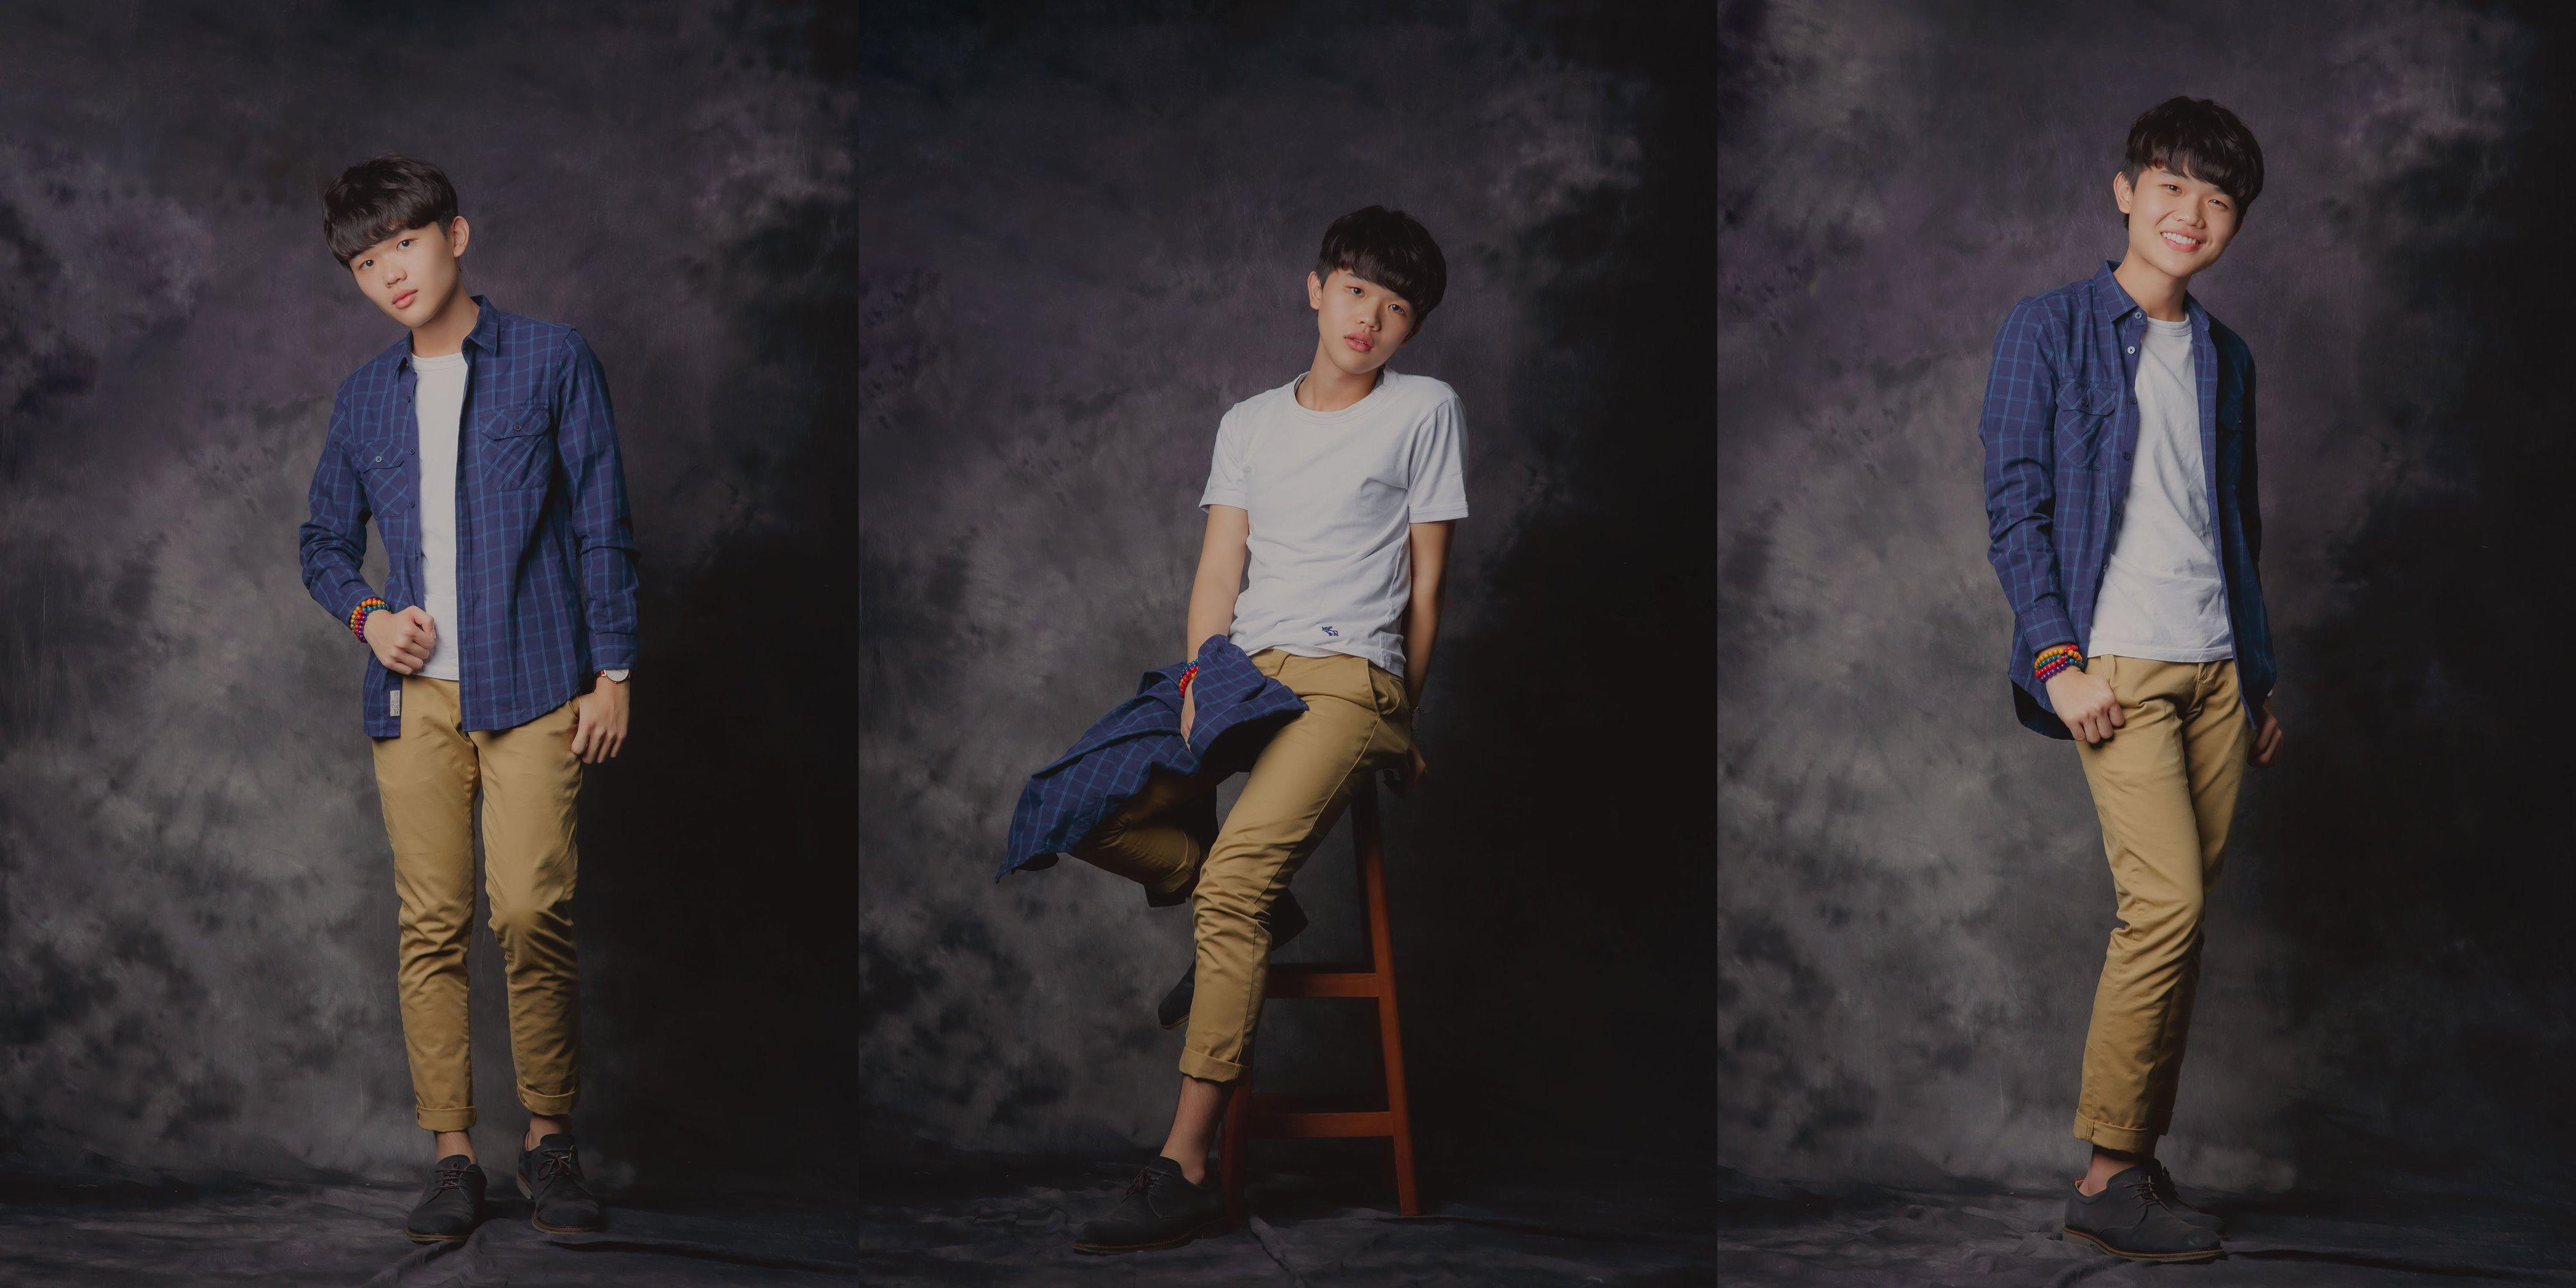 Hong ray photo